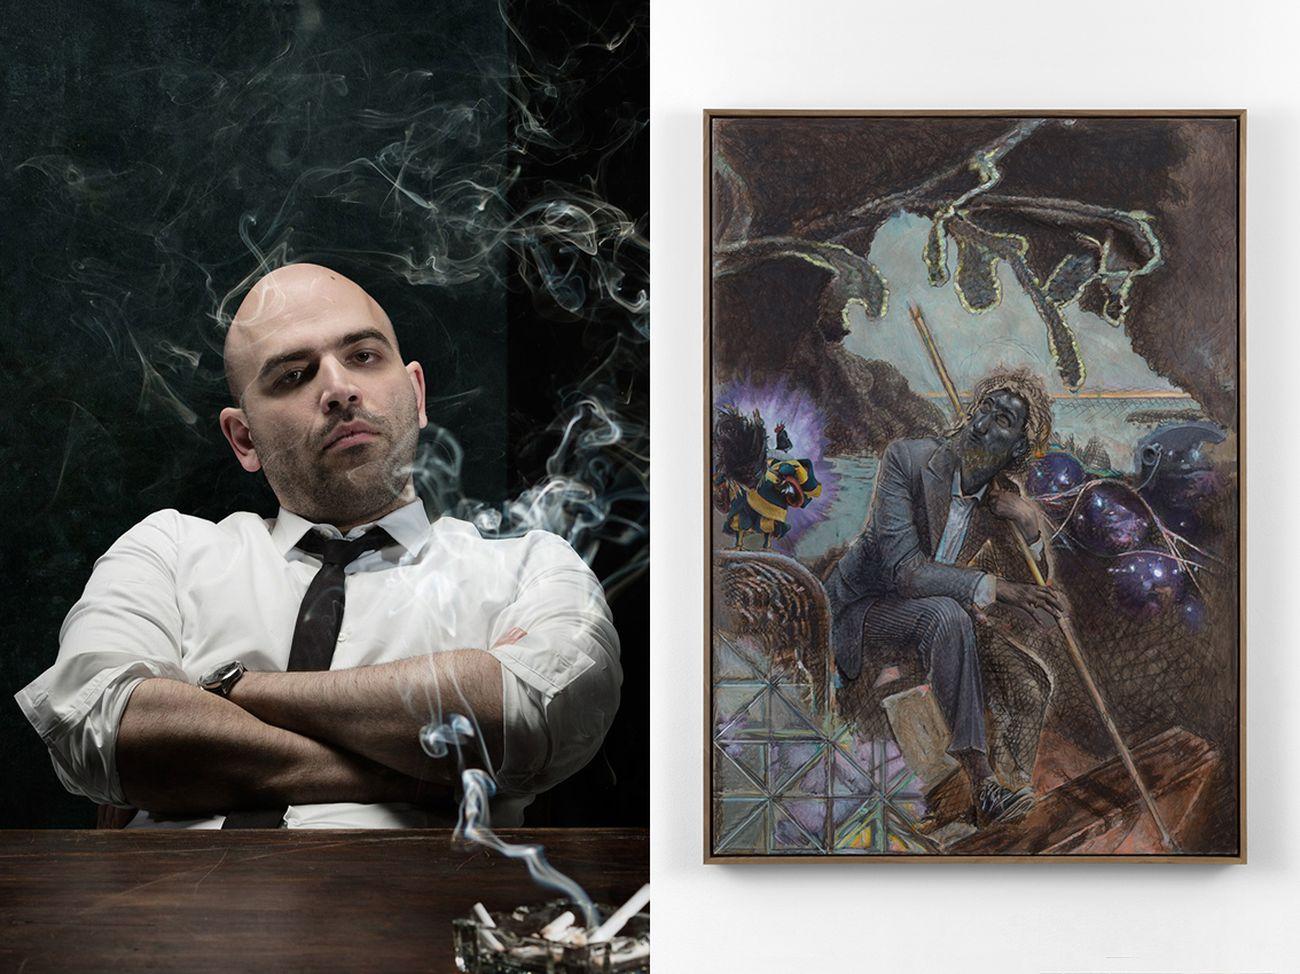 A sinistra, lo scrittore Roberto Saviano. A destra, un quadro dell'italianissimo Pietro Roccasalva esposto nella sede londinese di Massimo De Carlo